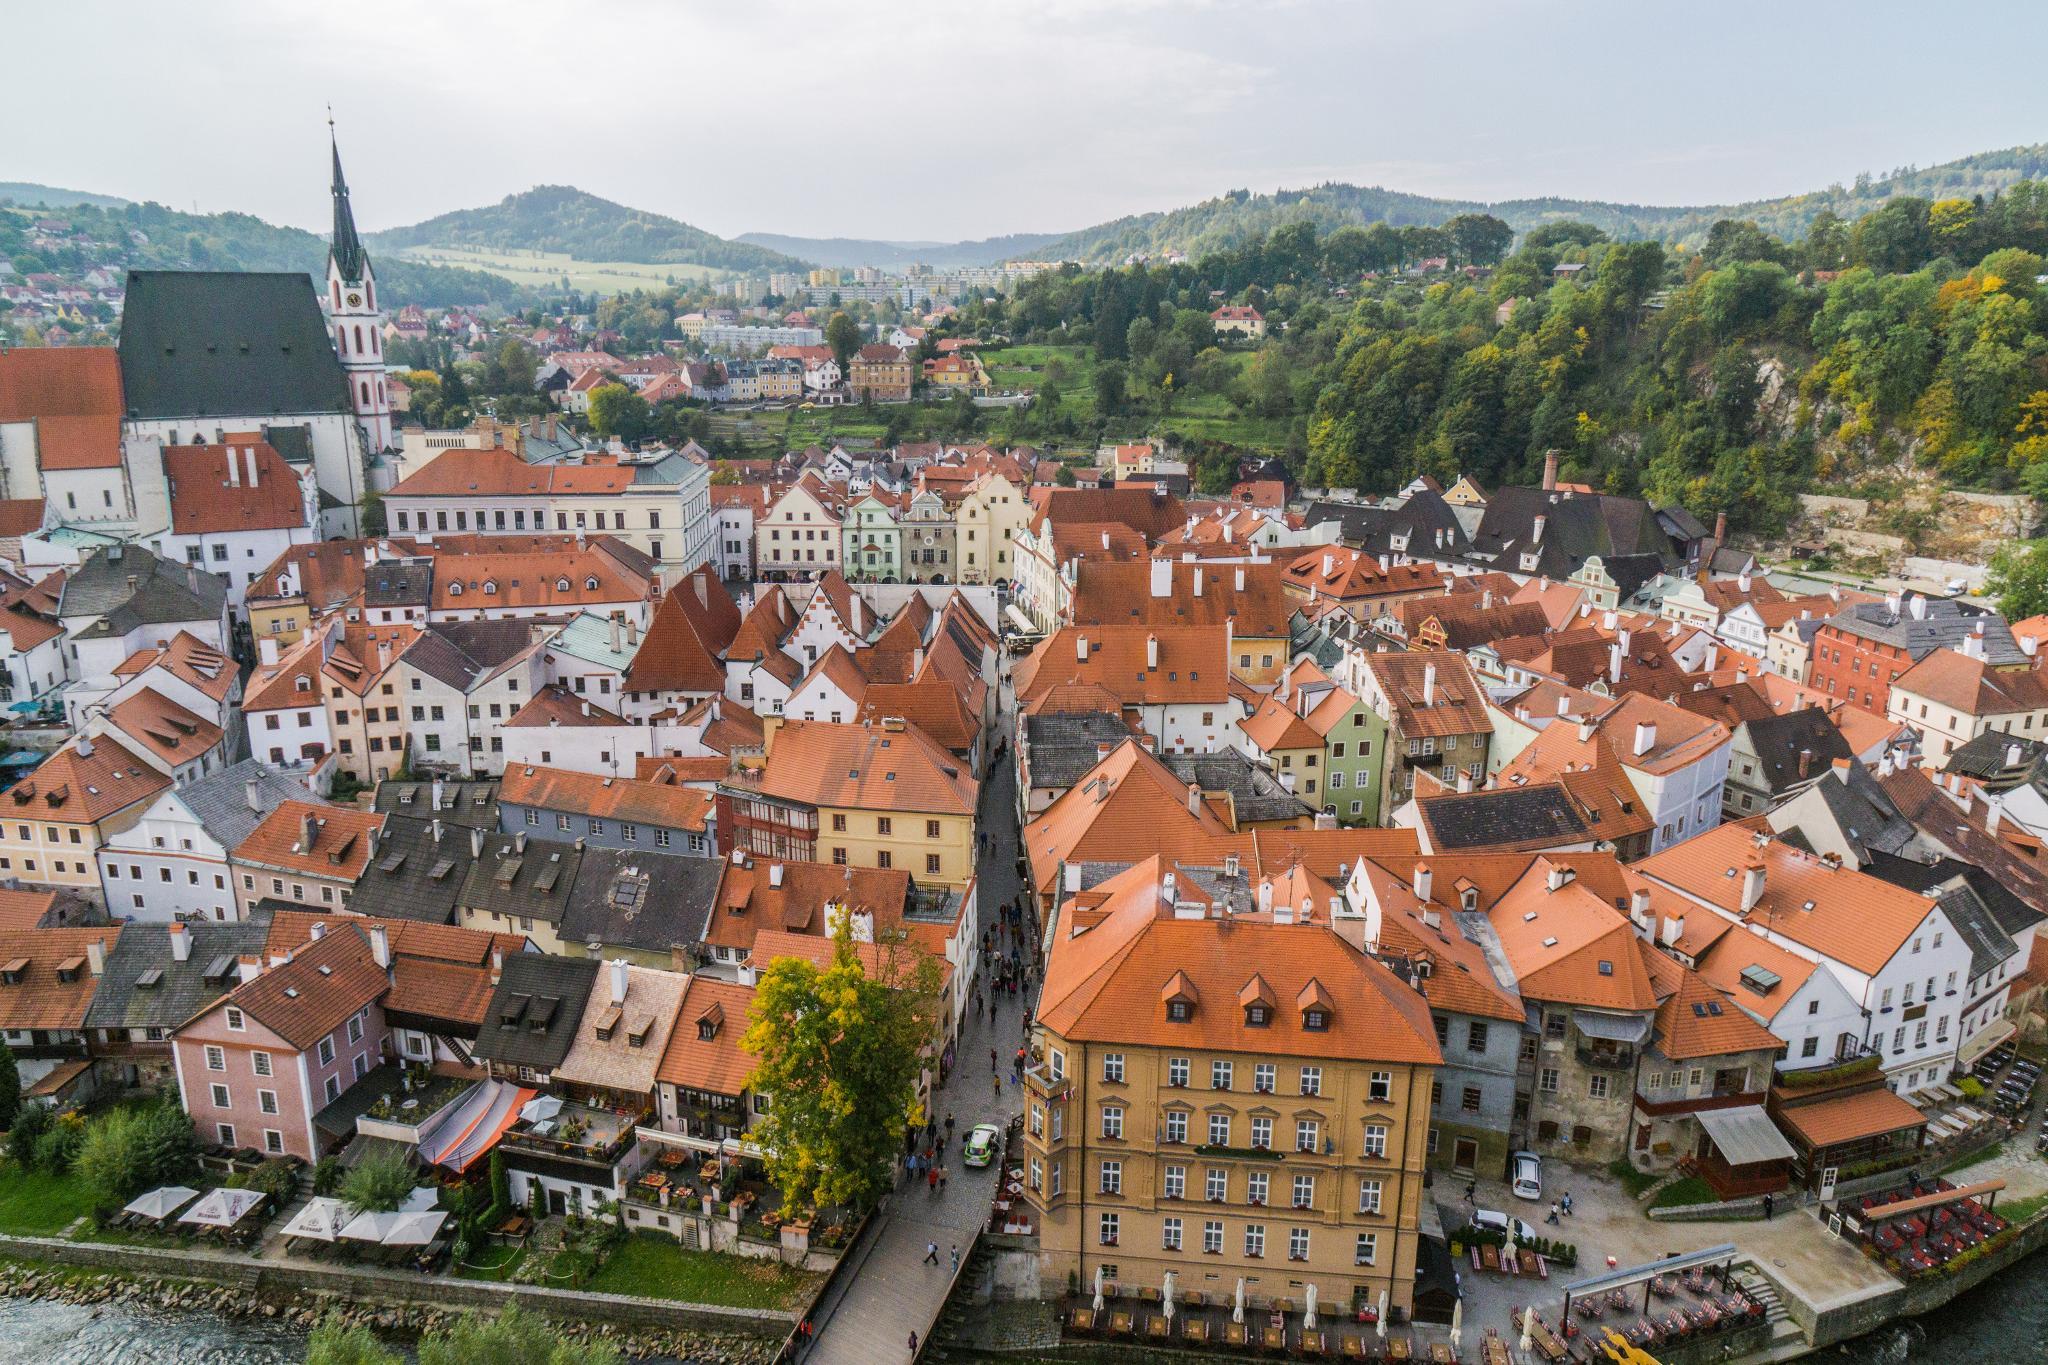 【捷克】穿越時空的波希米亞狂想曲 — Český Krumlov Castle 庫倫諾夫城堡 15